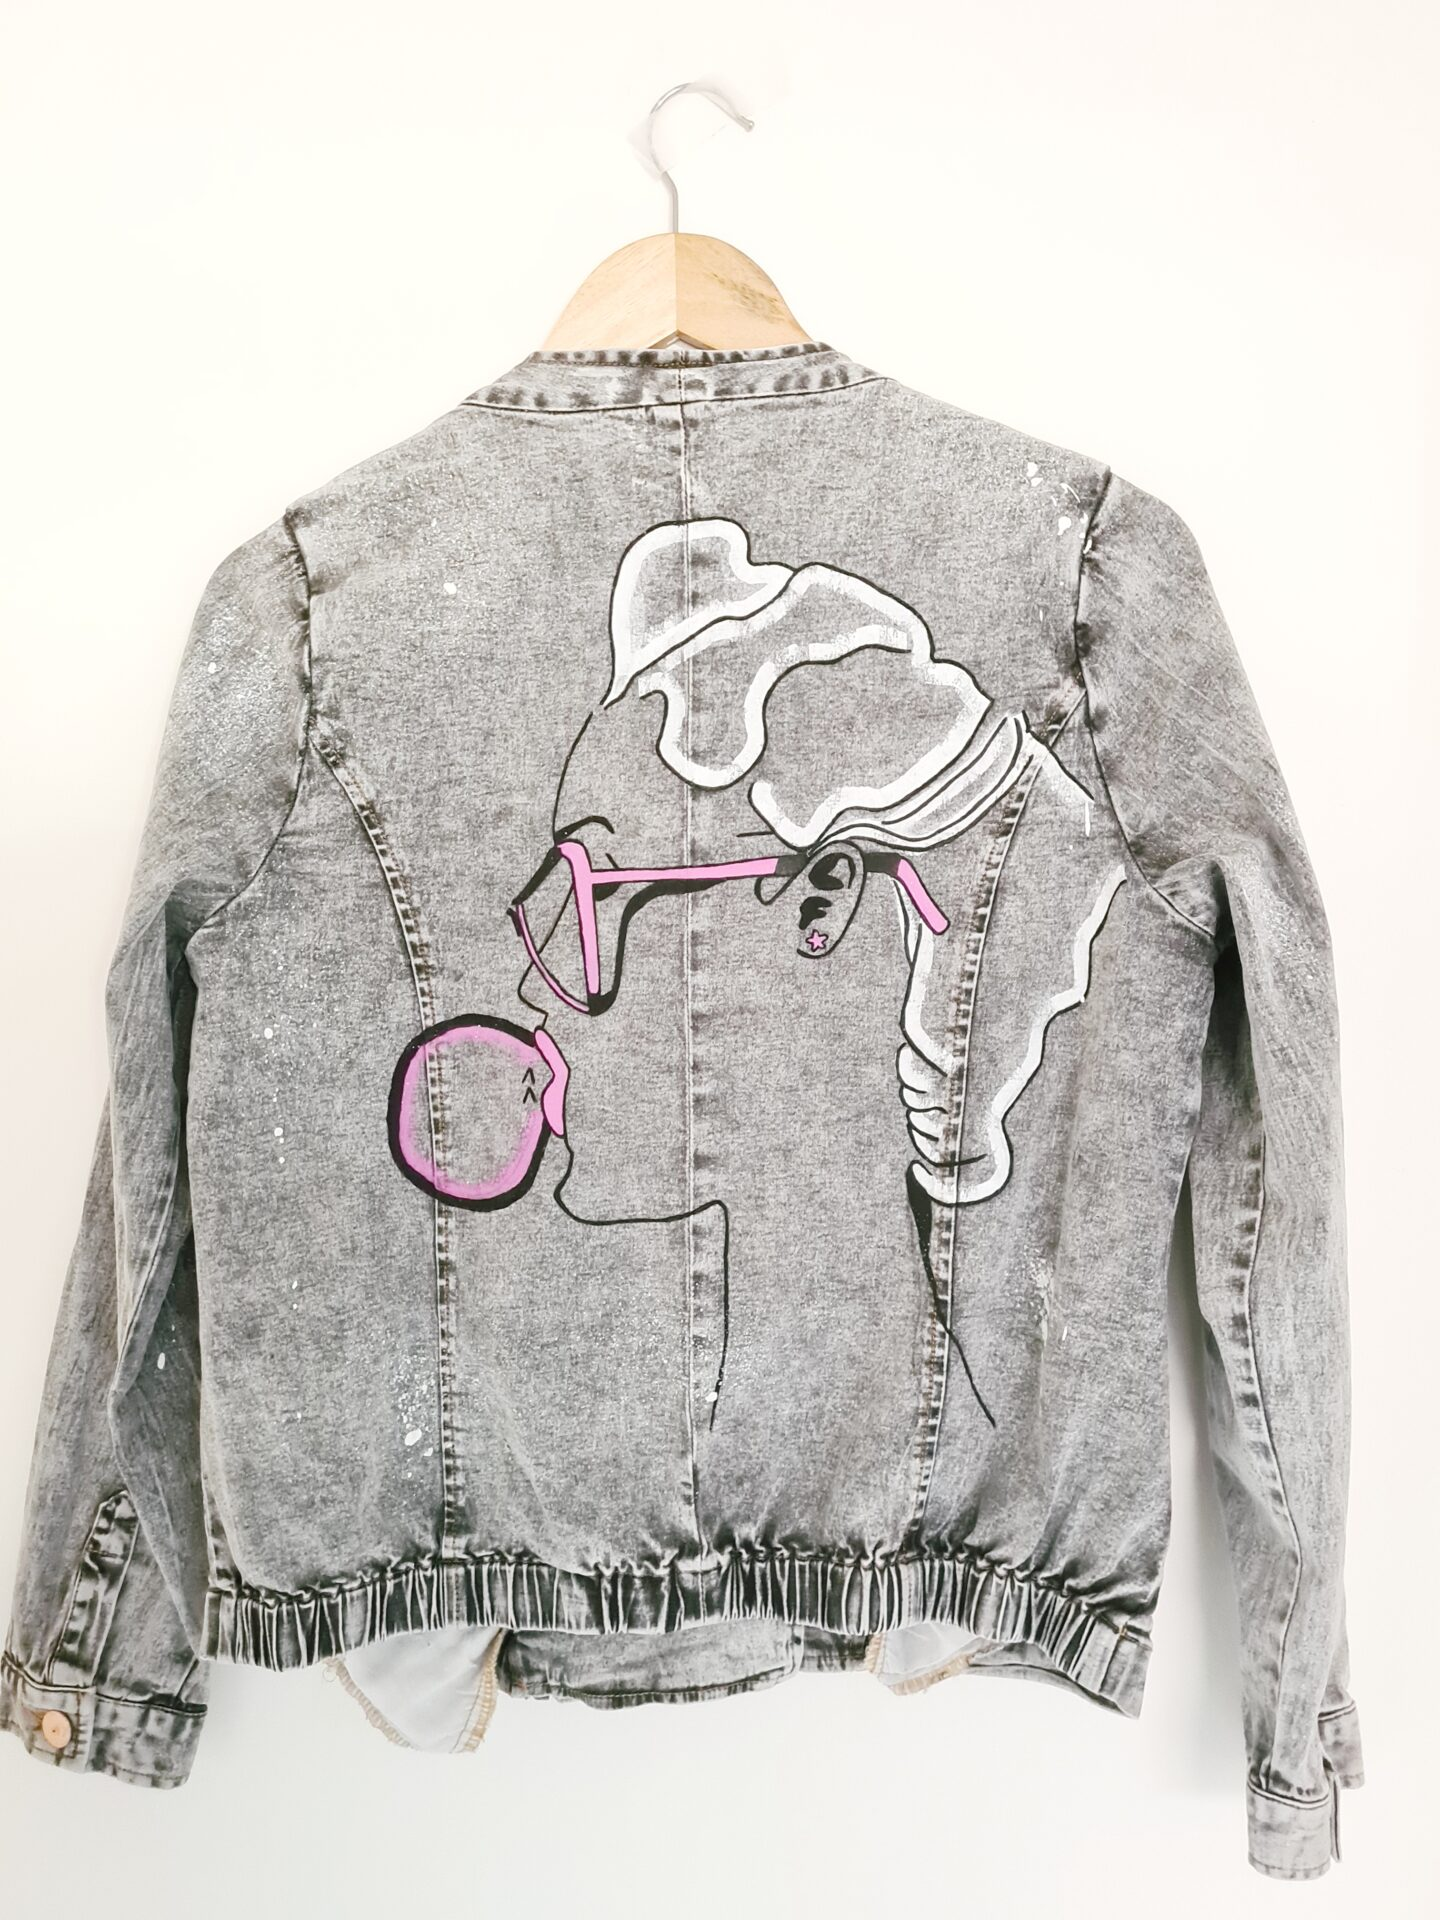 Bubblegum Splash Painted Denim Jacket By Being Benign